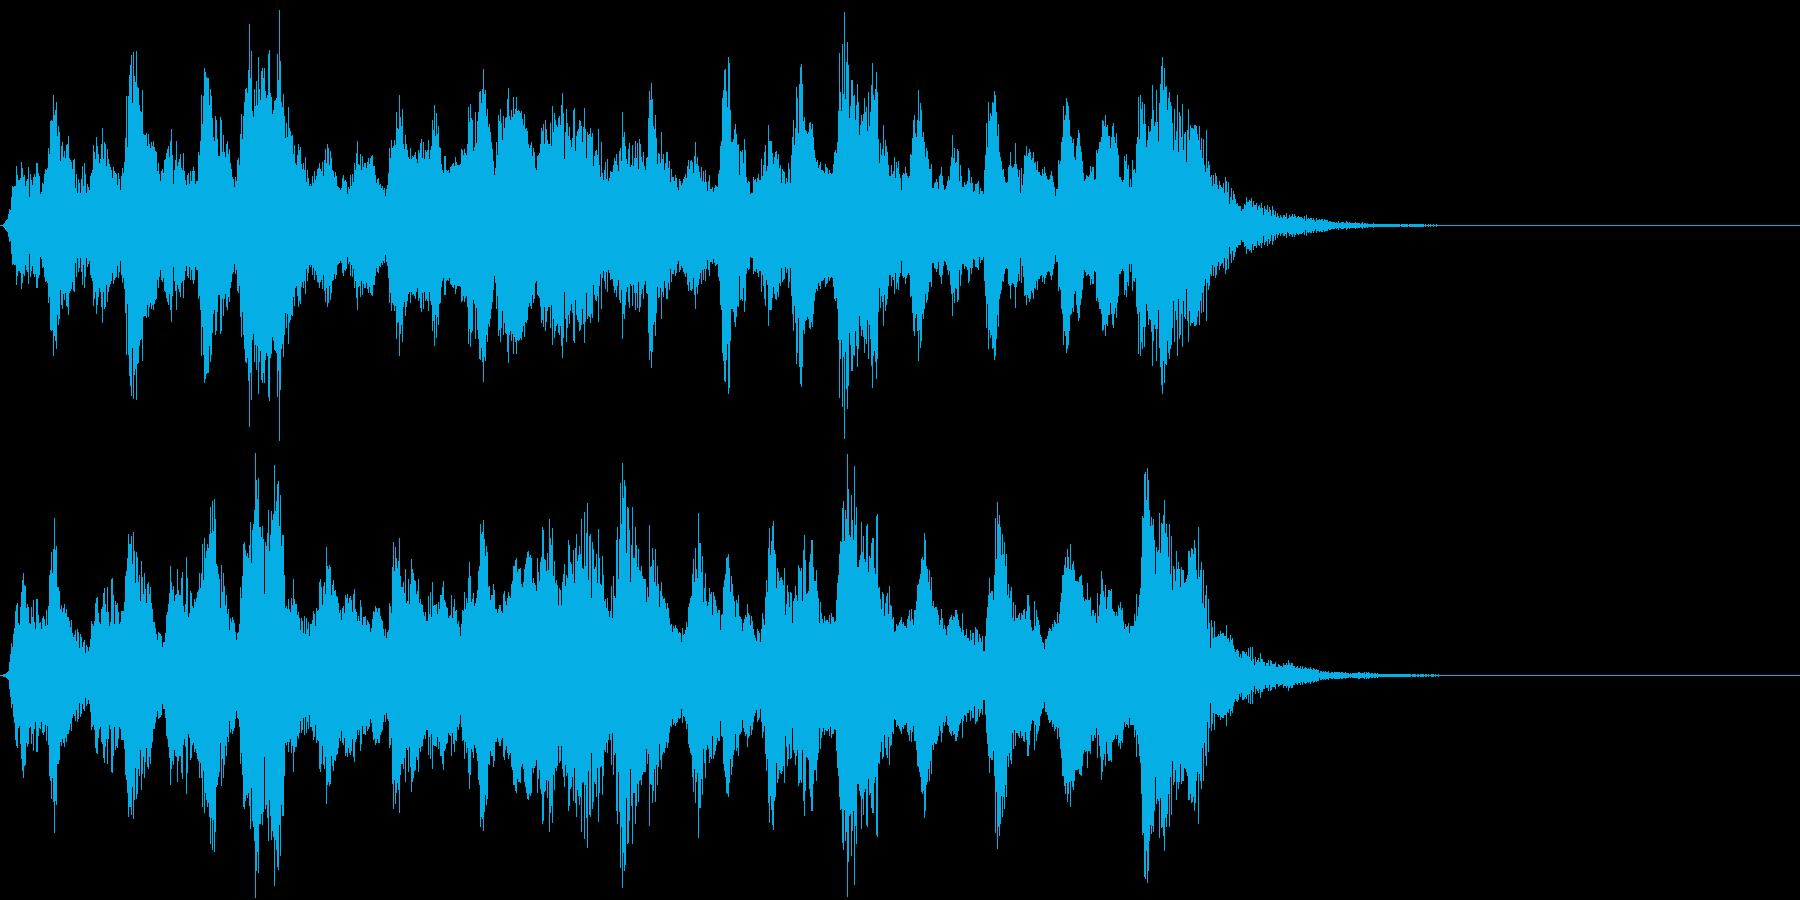 お伽の国のイメージのオーケストラジングルの再生済みの波形